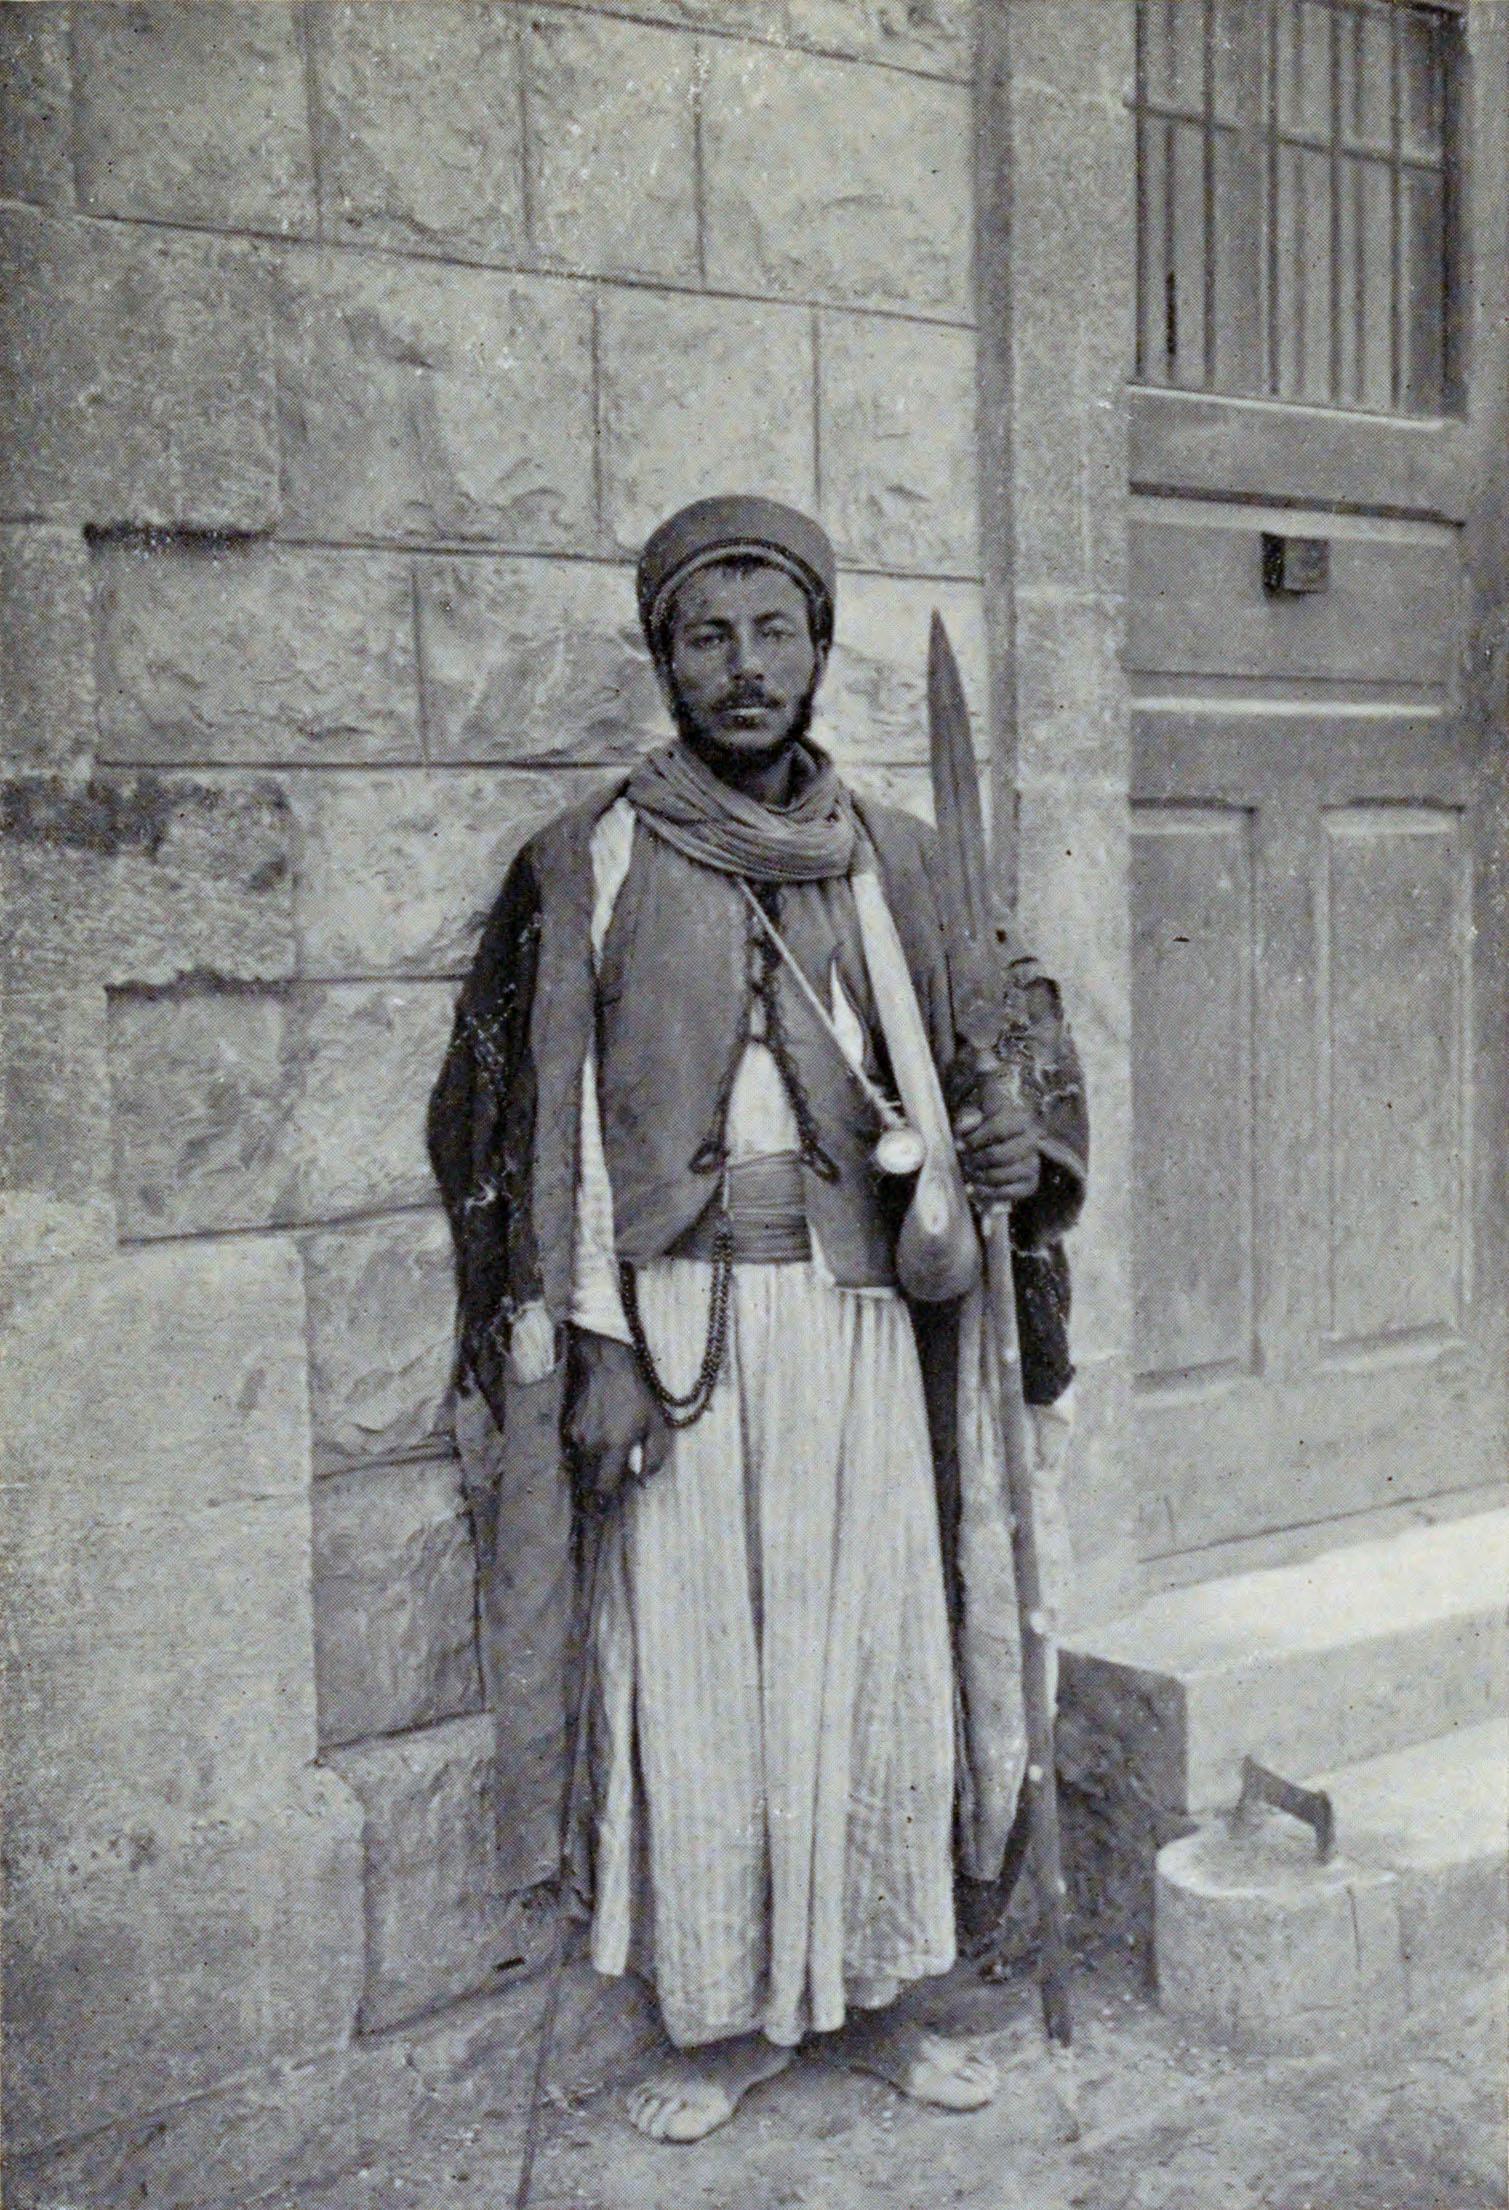 File:Dervish, 1913.jpg